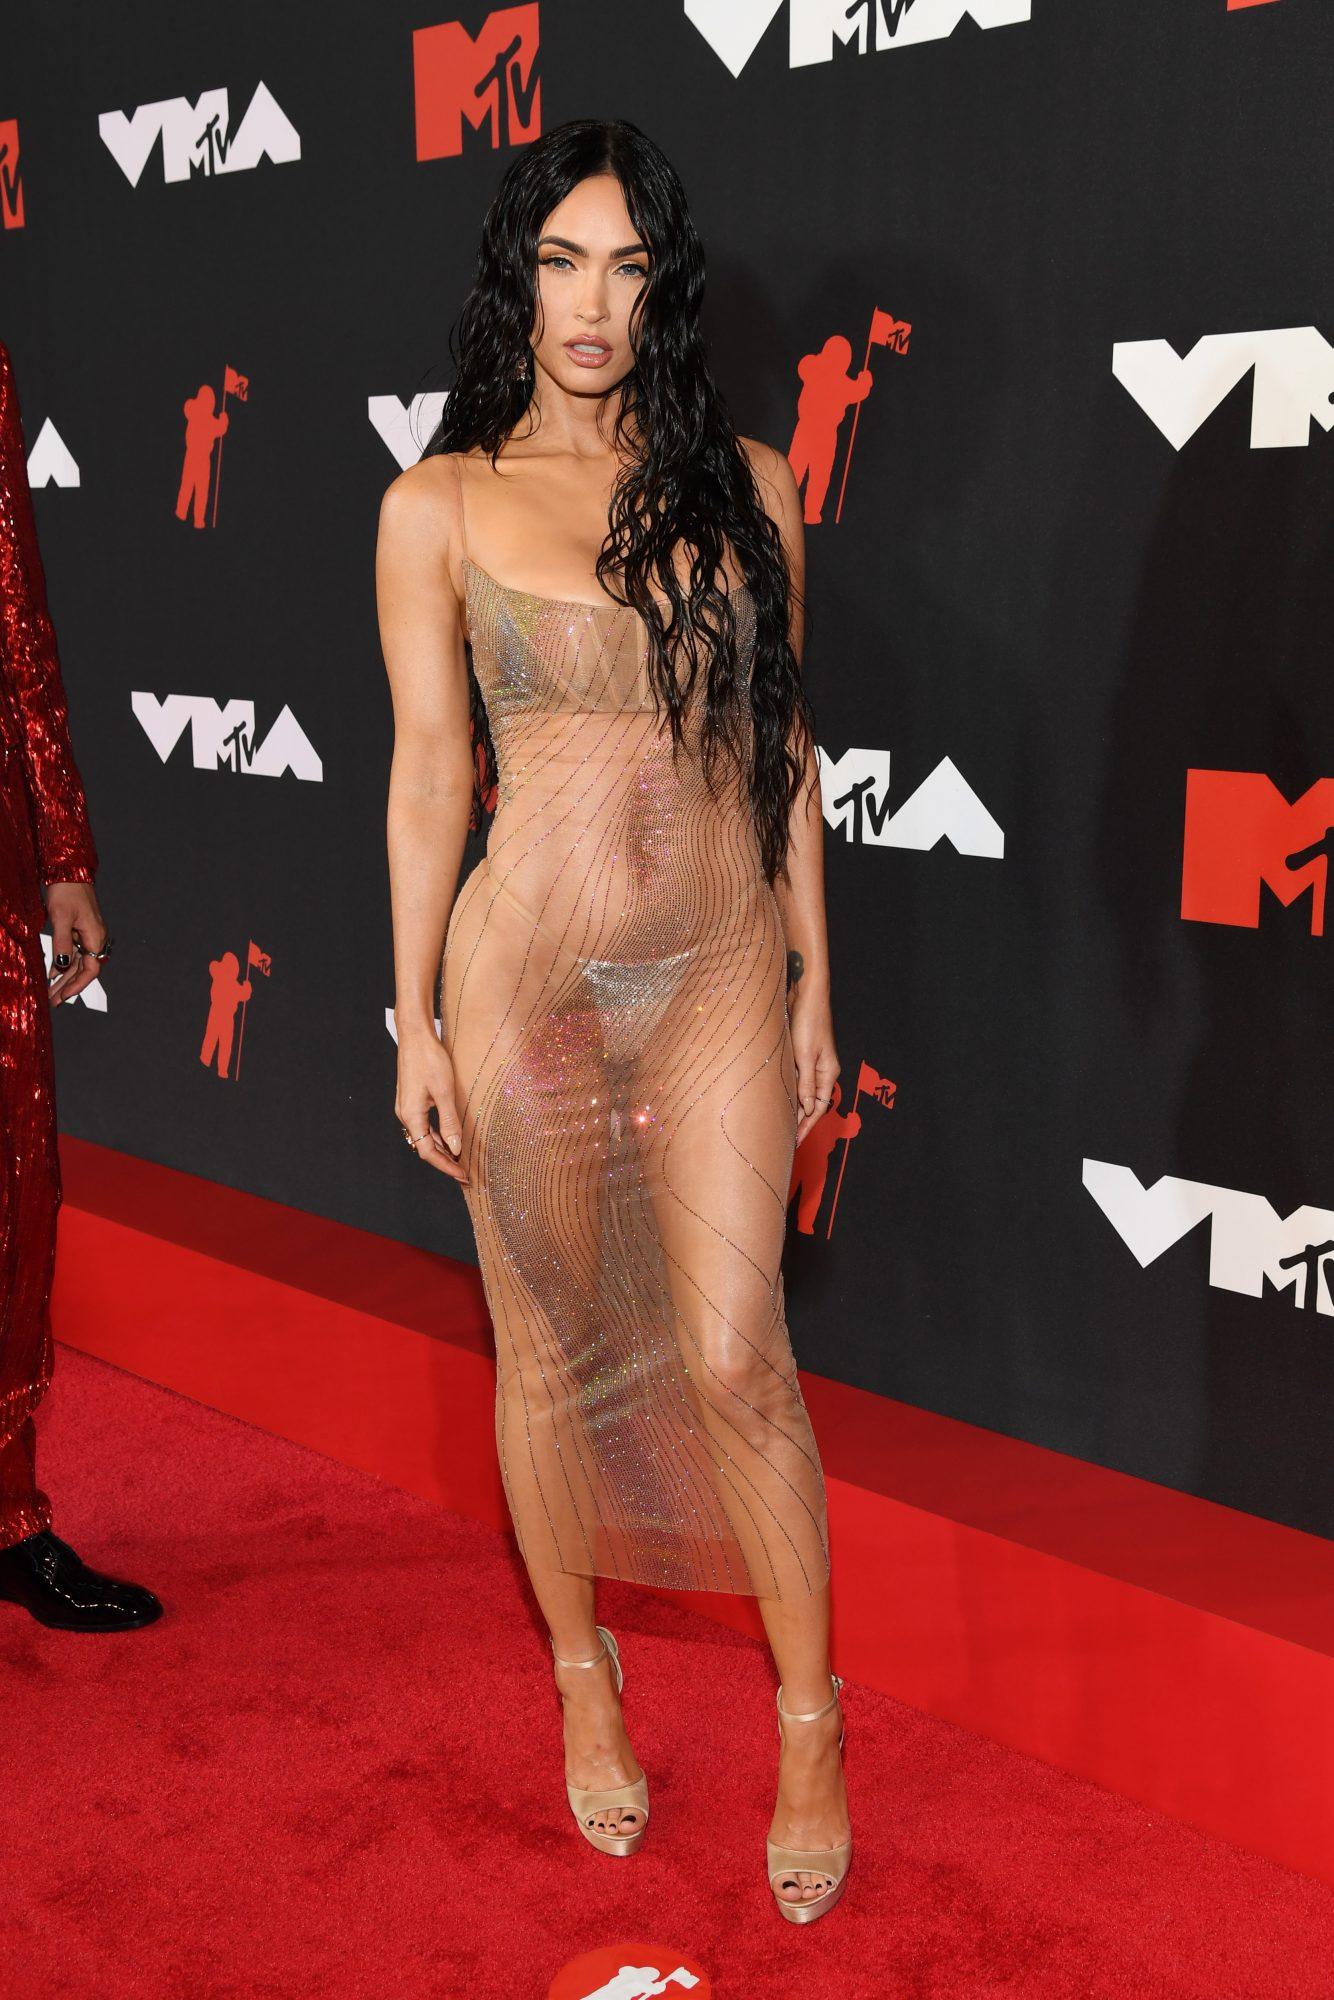 Mejores looks alfombra VMAs